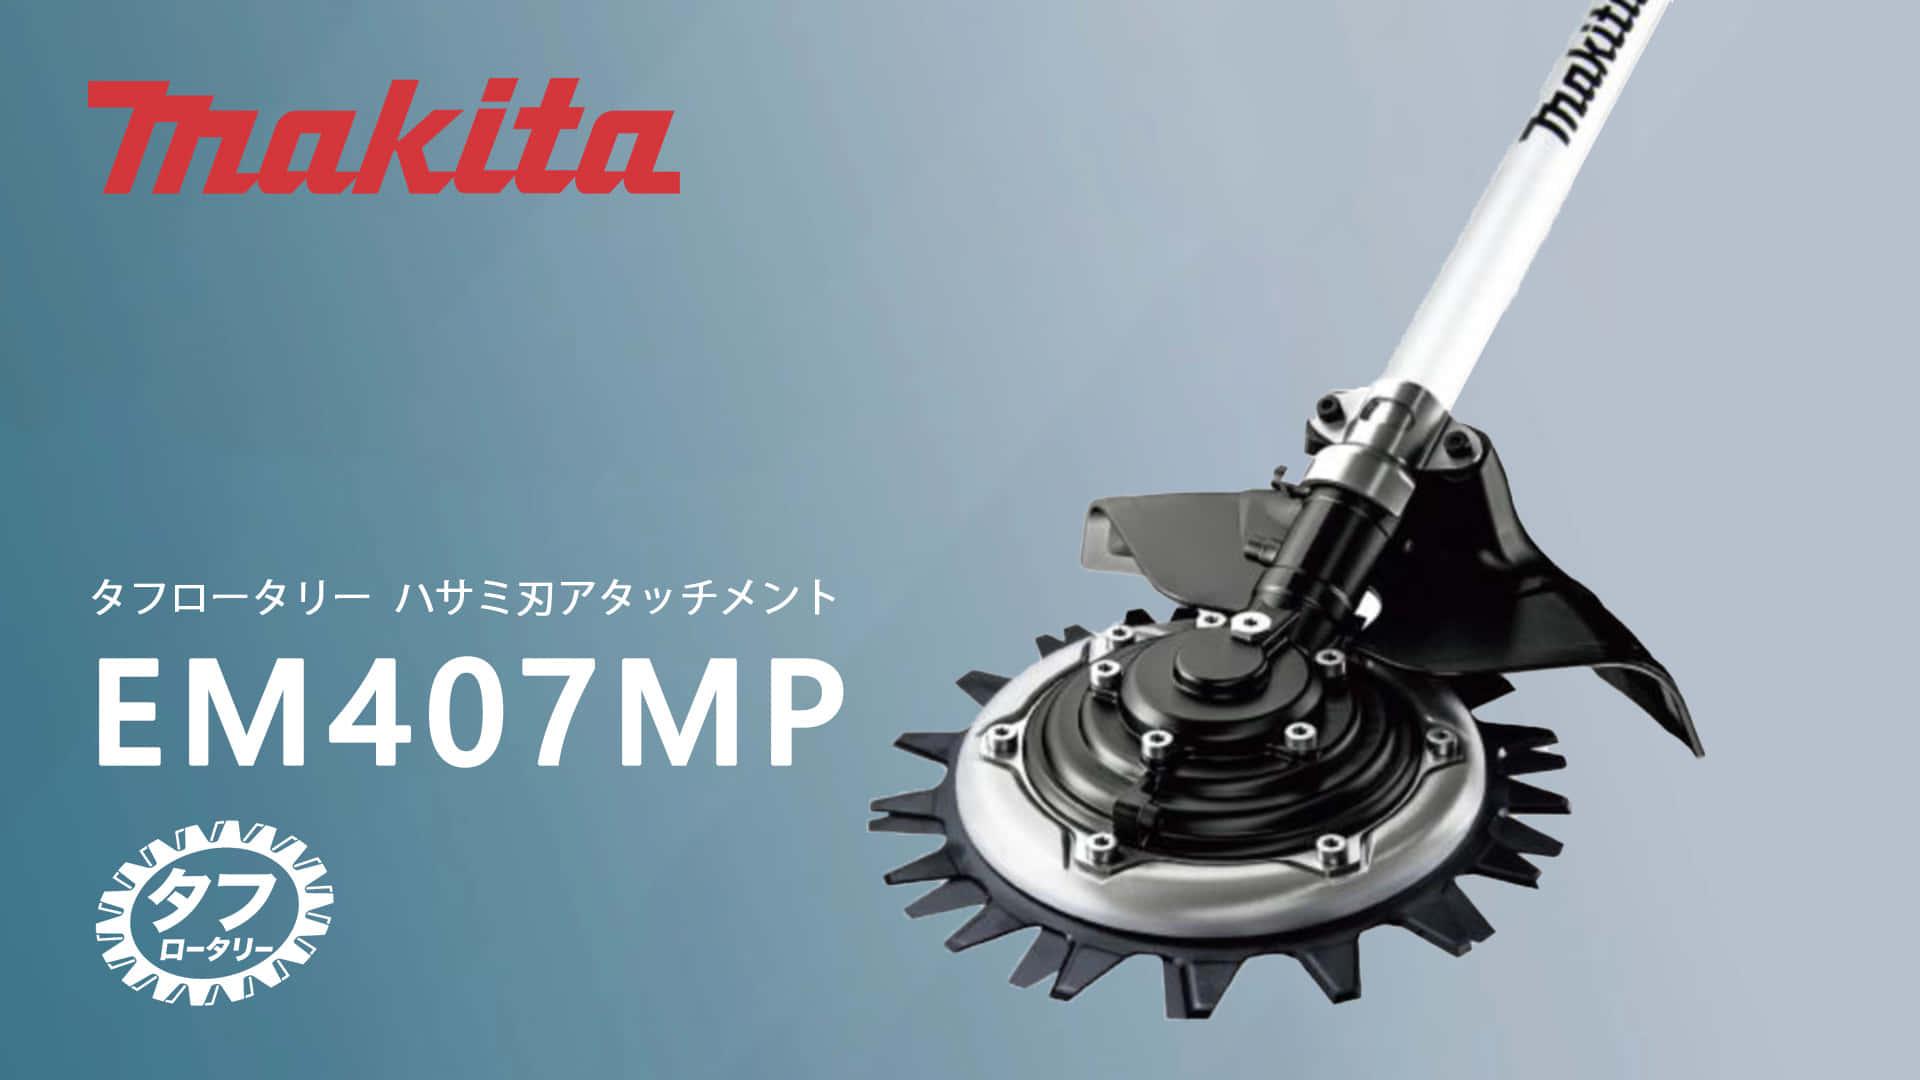 マキタ EM407MP タフロータリーハサミ刃、スプリット新アタッチメント